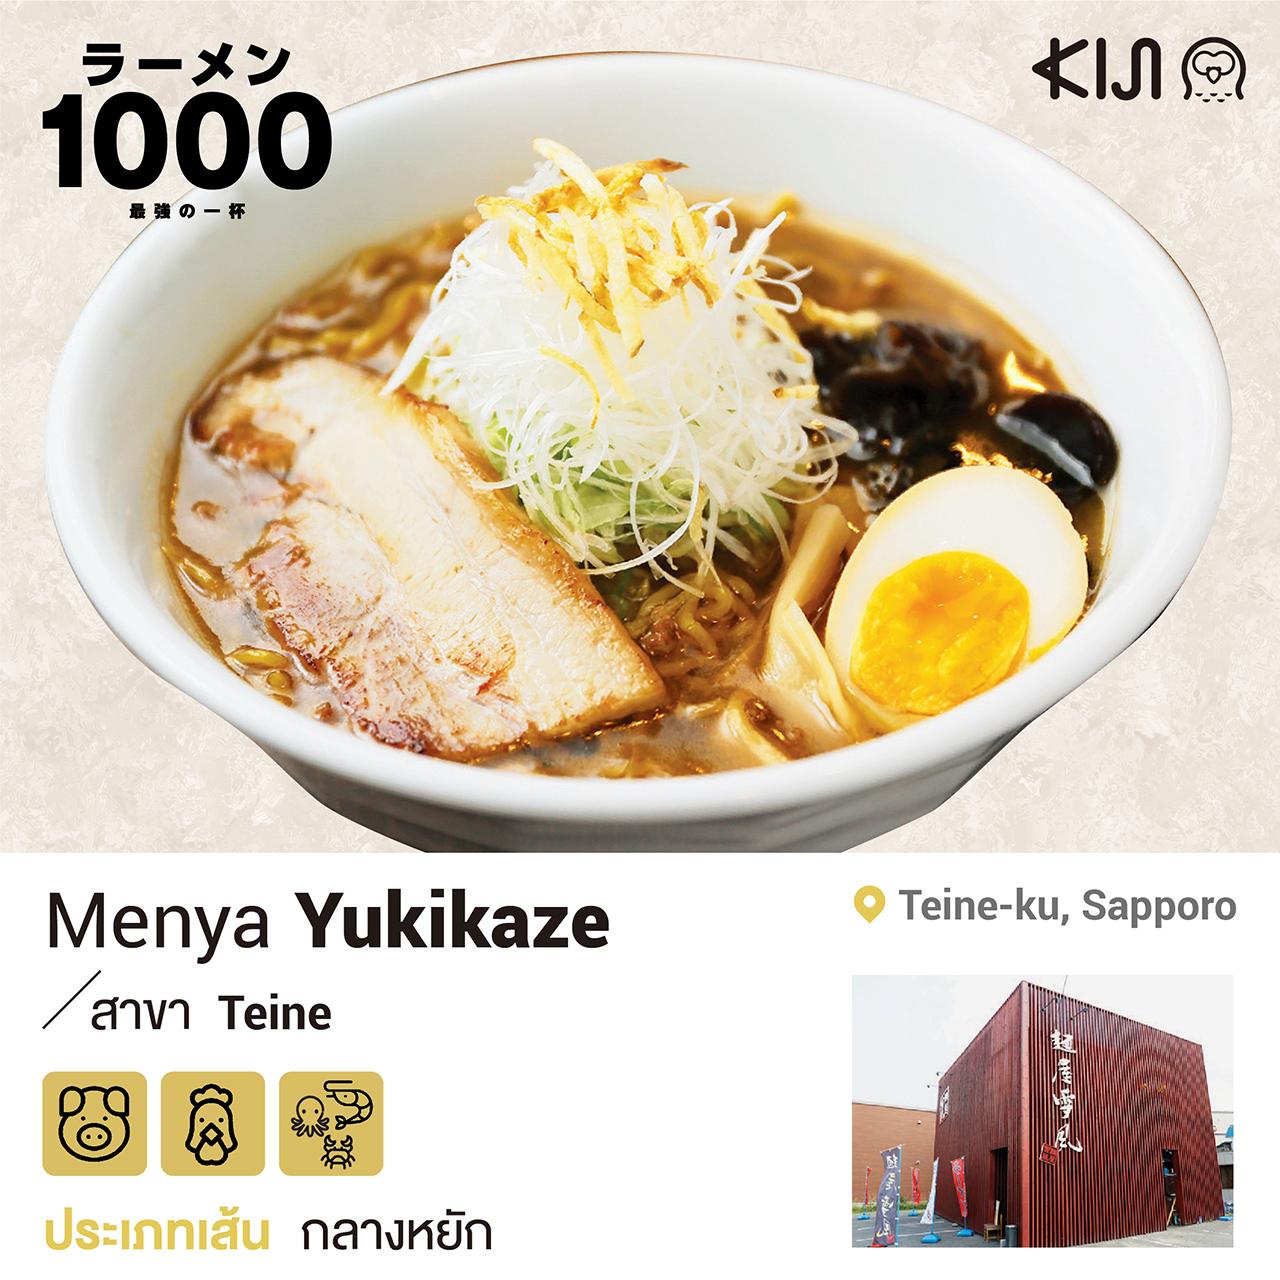 ร้านราเมน เขตเทอิเนะ เมืองซัปโปโร จ.ฮอกไกโด - Menya Yukikaze สาขา Teine